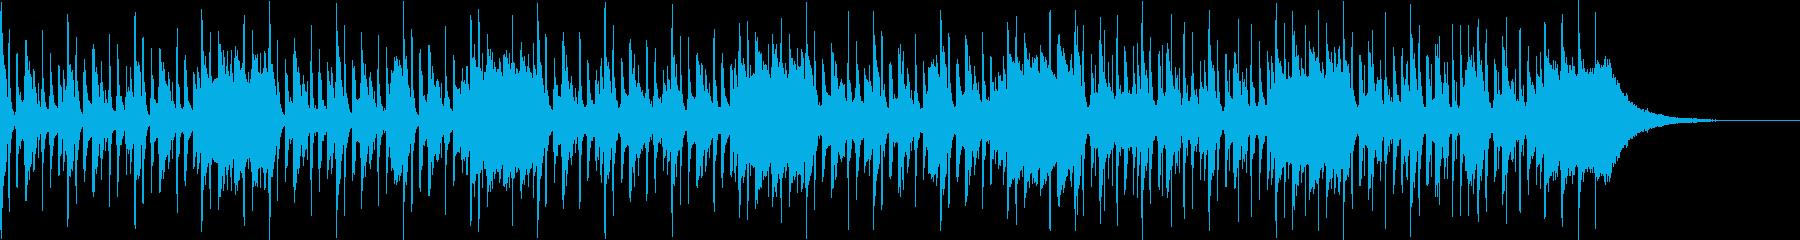 Pf「散歩」和風現代ジャズの再生済みの波形